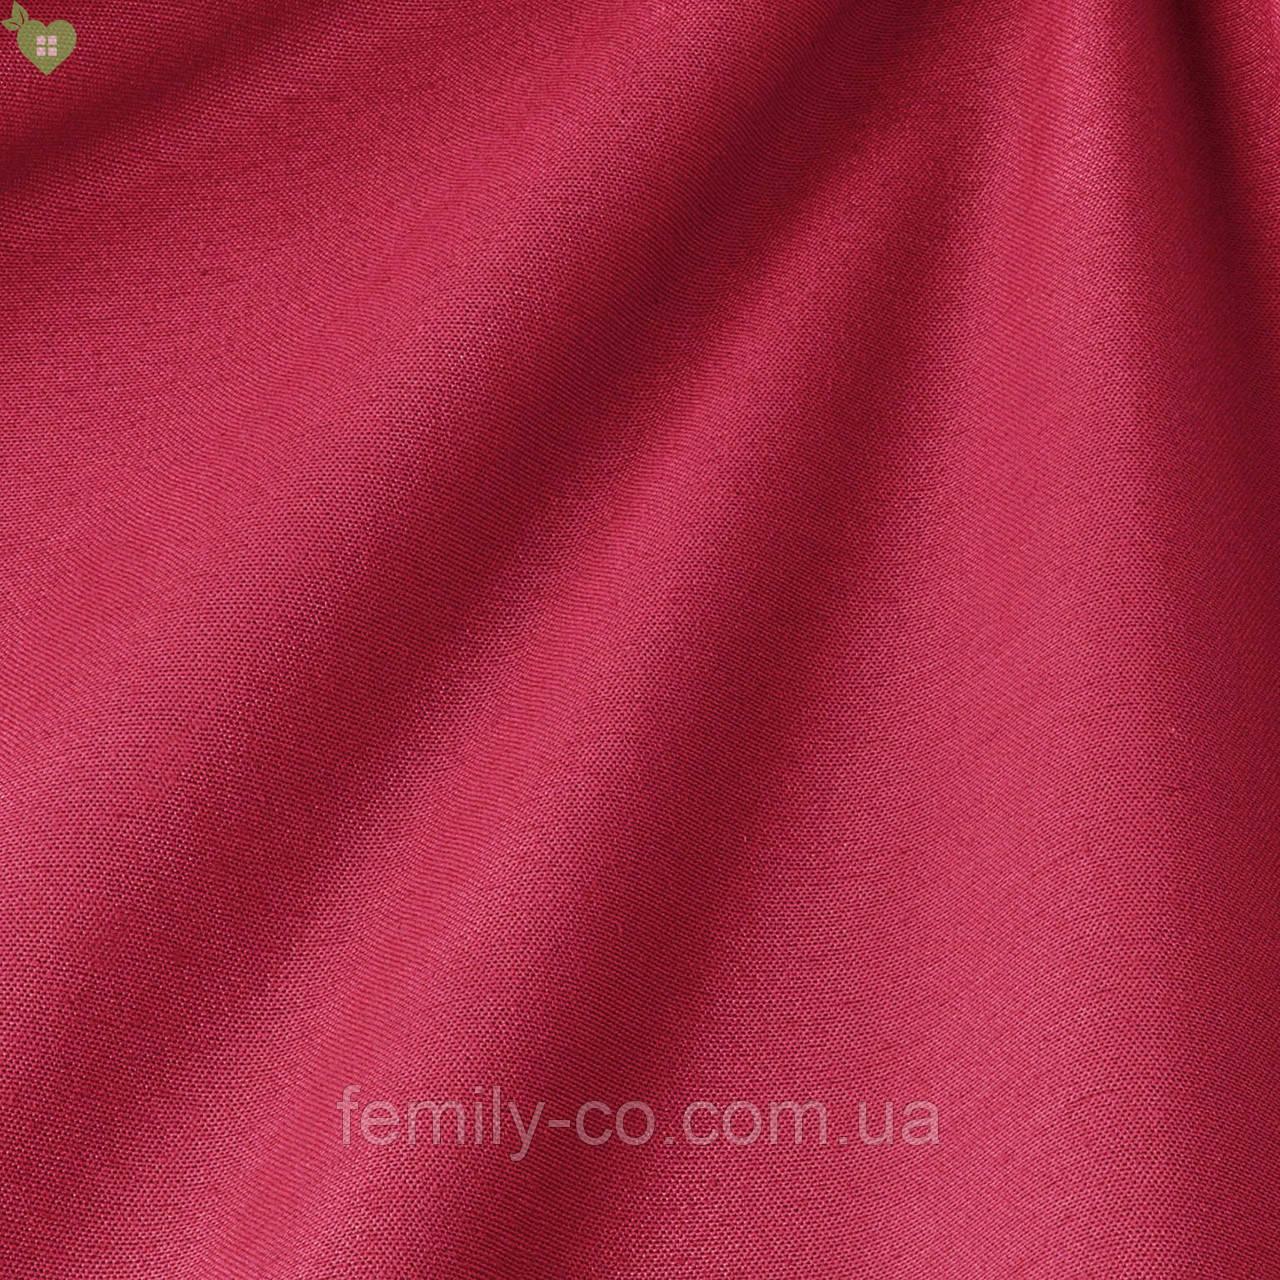 Однотонная декоративная ткань темного пурпурно-розового цвета 82449v20